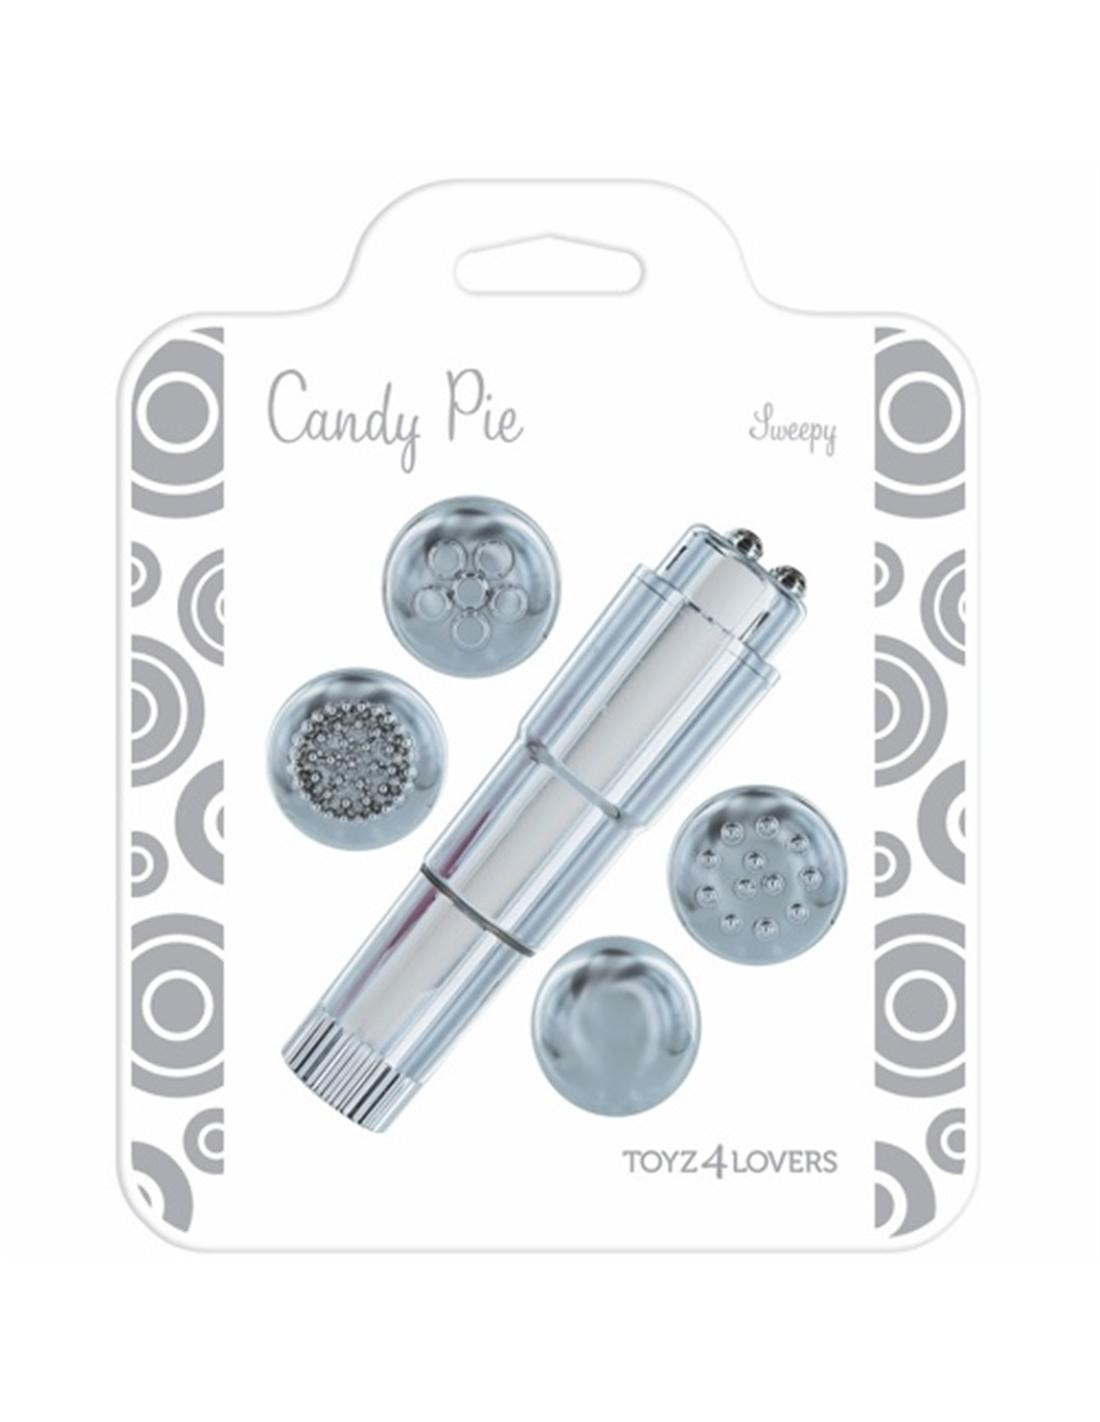 Vibrador Candy Pie Sweepy Prateado - PR2010322202